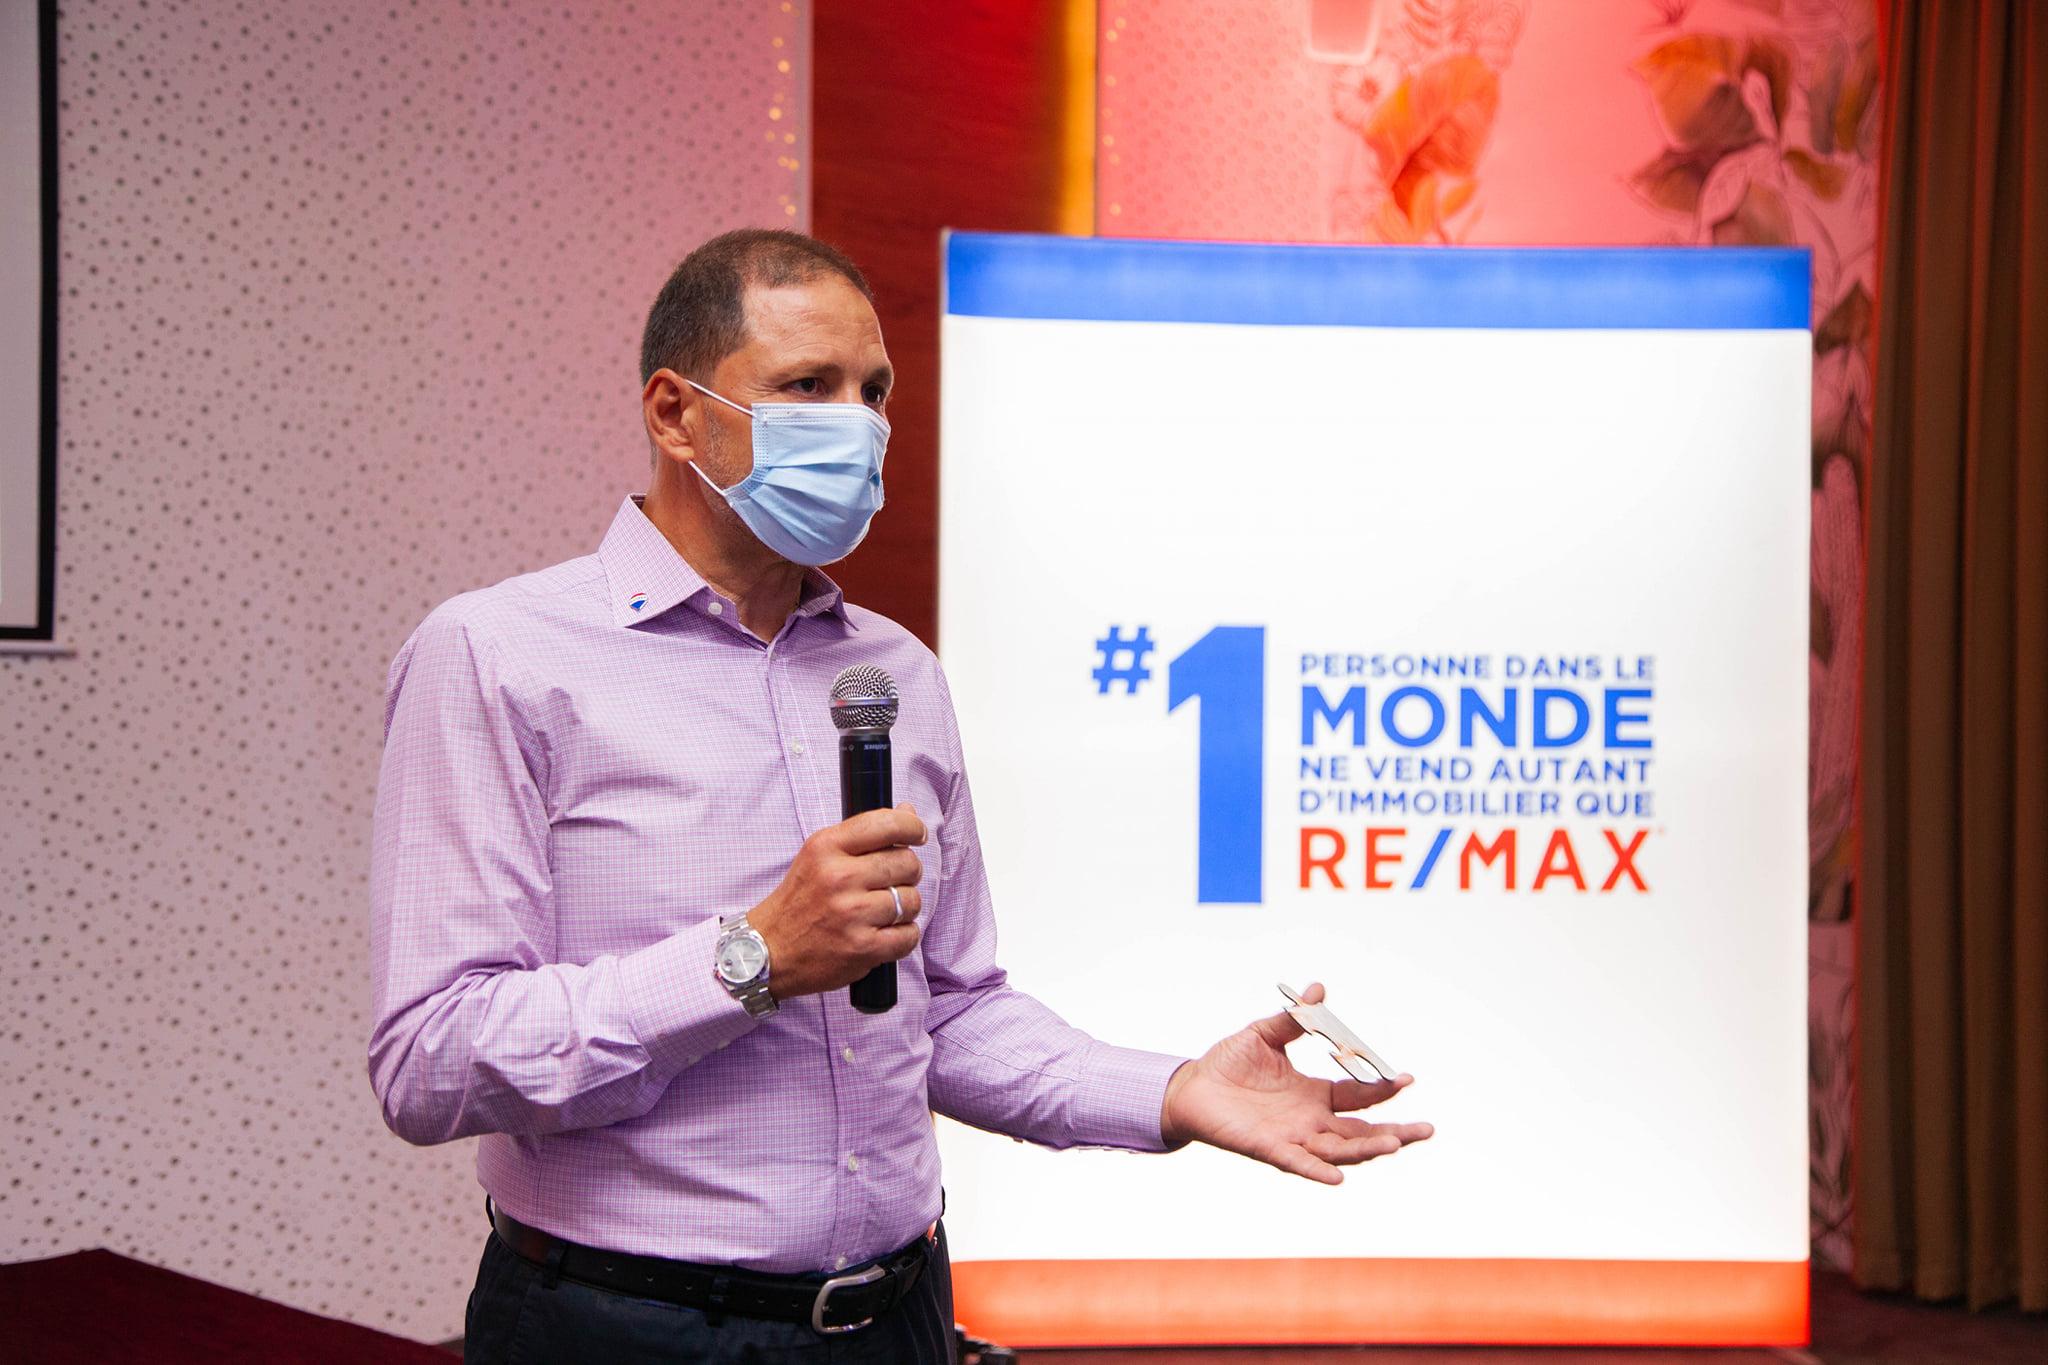 ري/ماكس تونس: شبكة رائدة من صنّاع التّغيير في القطاع العقاريّ: